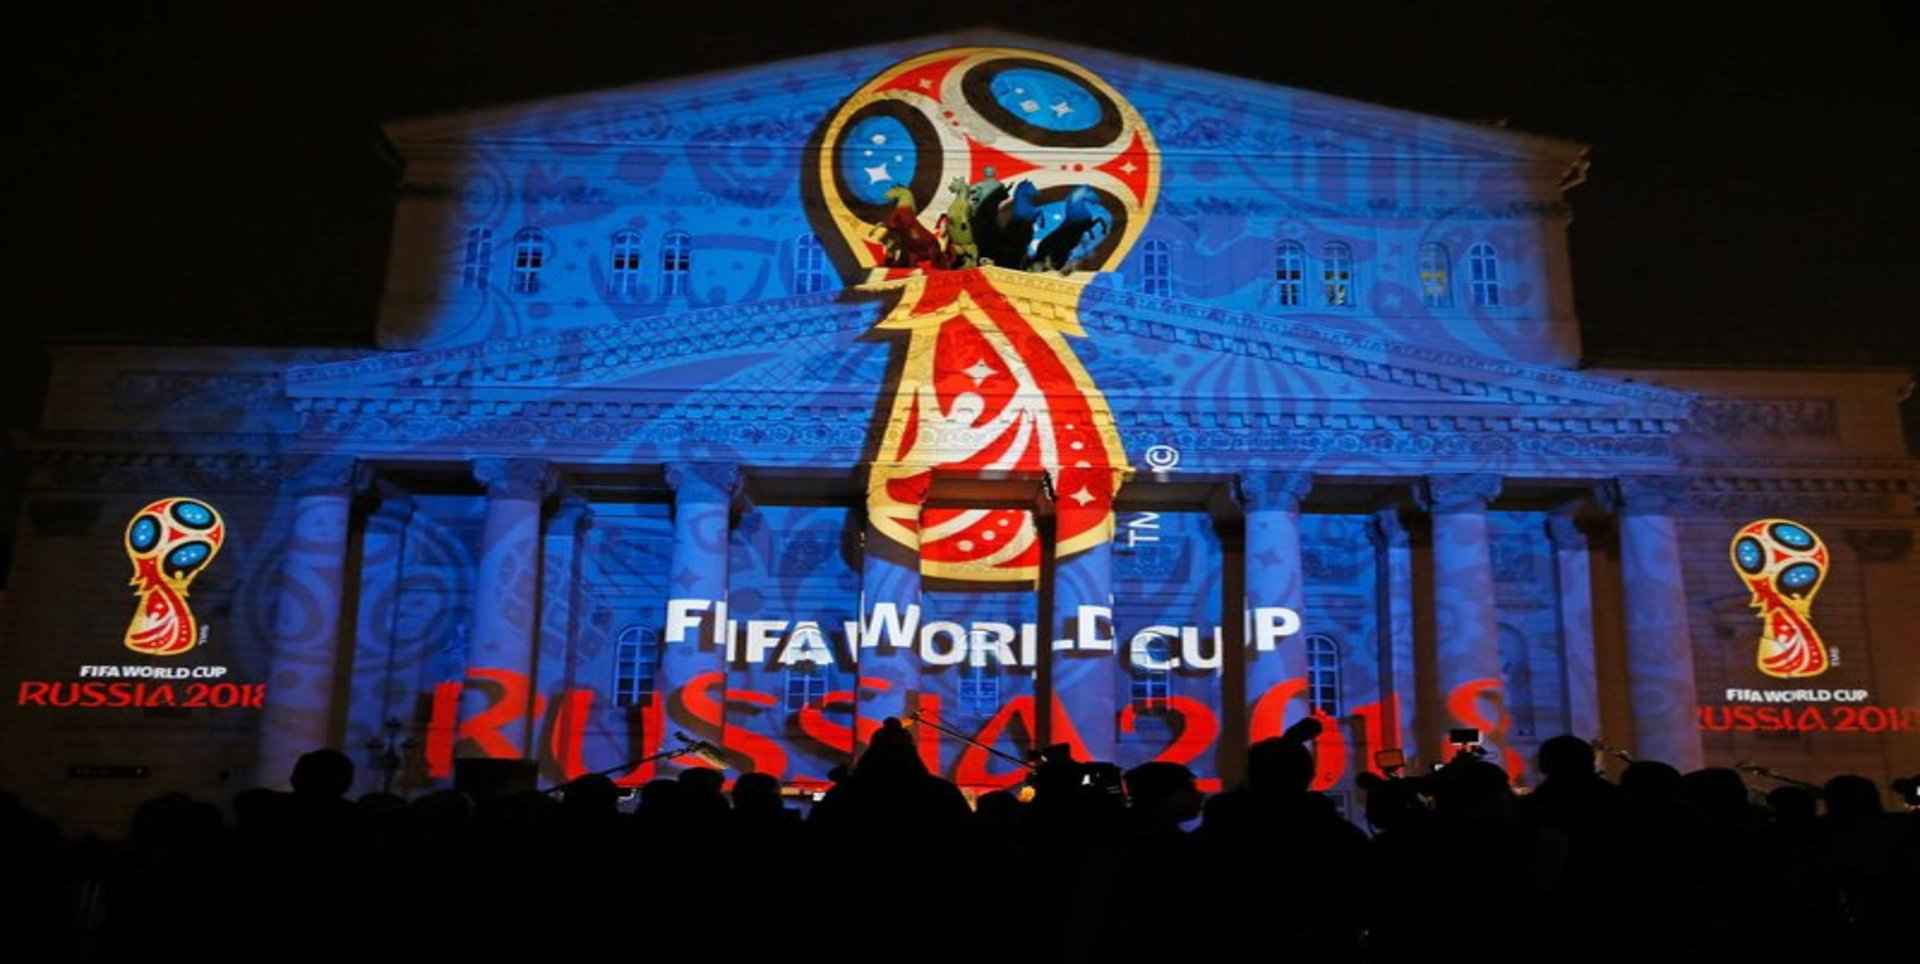 Spain vs Netherlands World Cup 2014 Brazil Goal 1-3 June 13